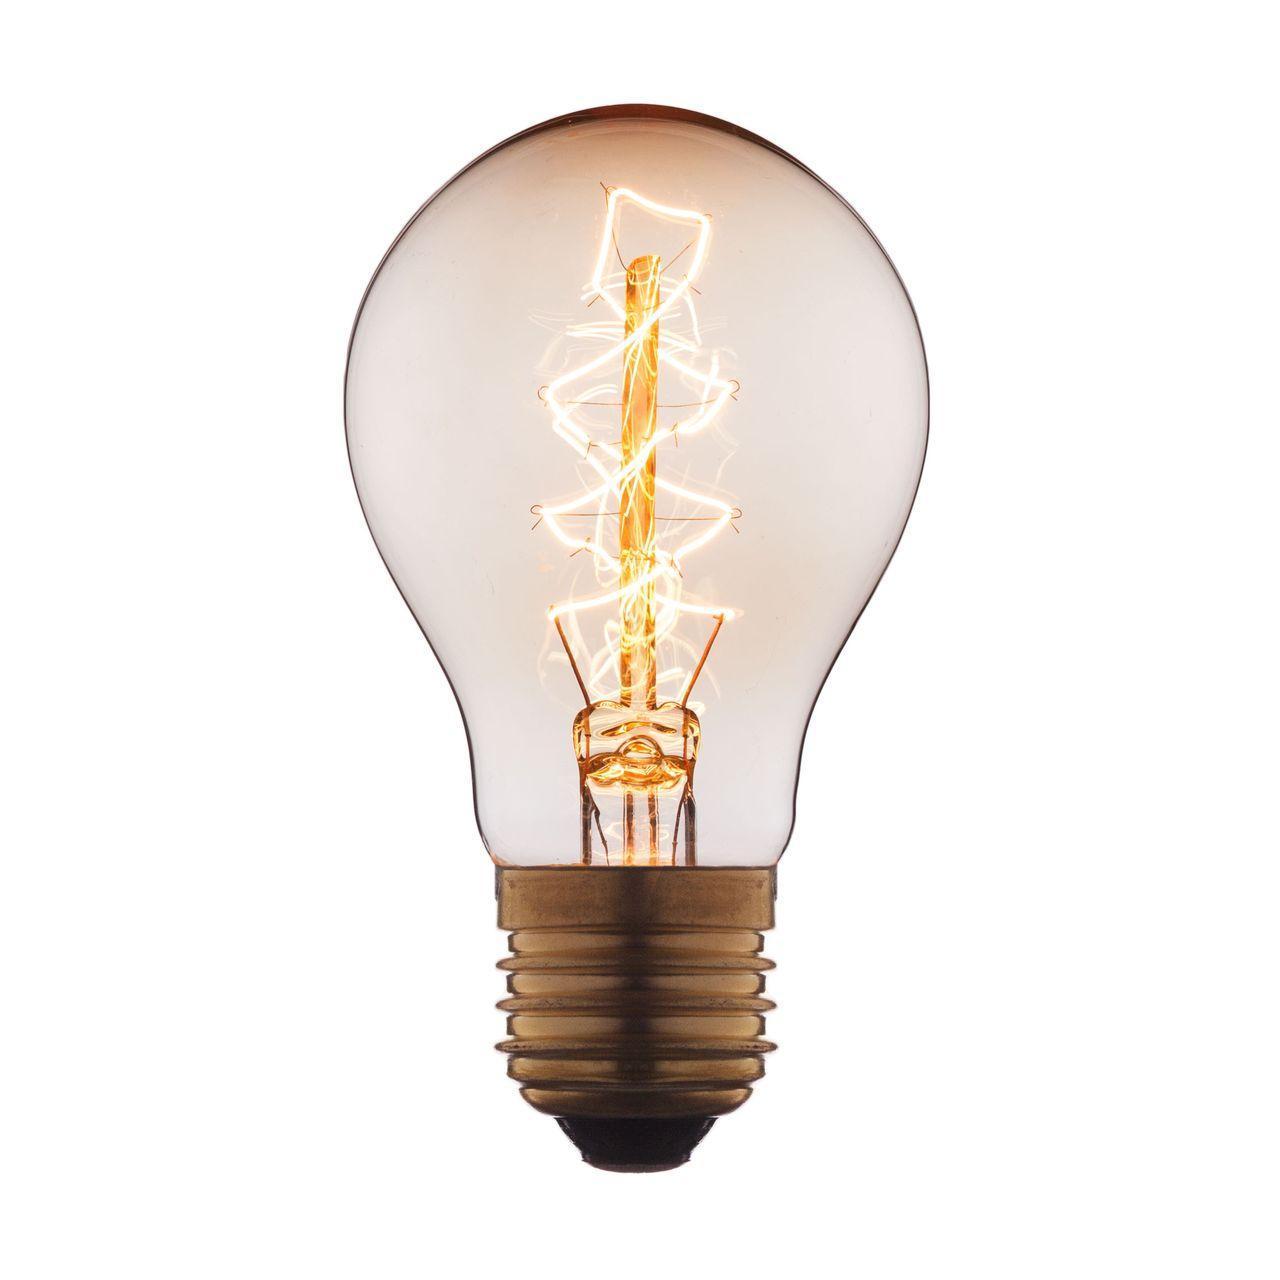 Лампа накаливания E27 60W прозрачная 1004-C loft it лампа накаливания loft it груша прозрачная e27 60w 1004 c